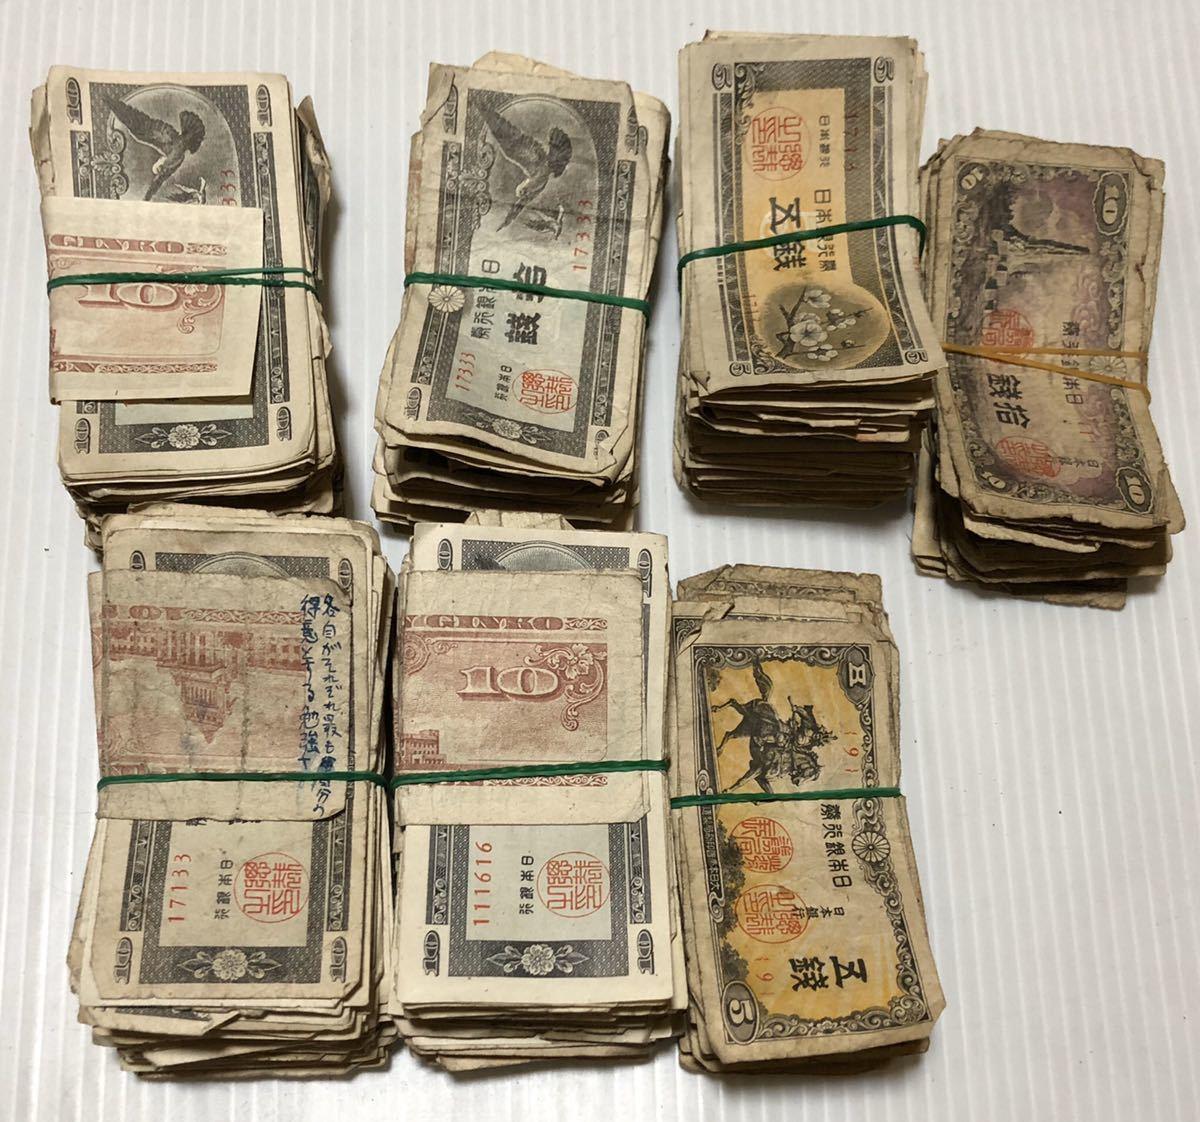 【らんまの珍品】 古紙幣 旧札 ハト 鳩 八紘一宇 拾銭札 楠木正成 梅 五銭札 日本銀行券 大量 まとめて 550枚以上_画像1